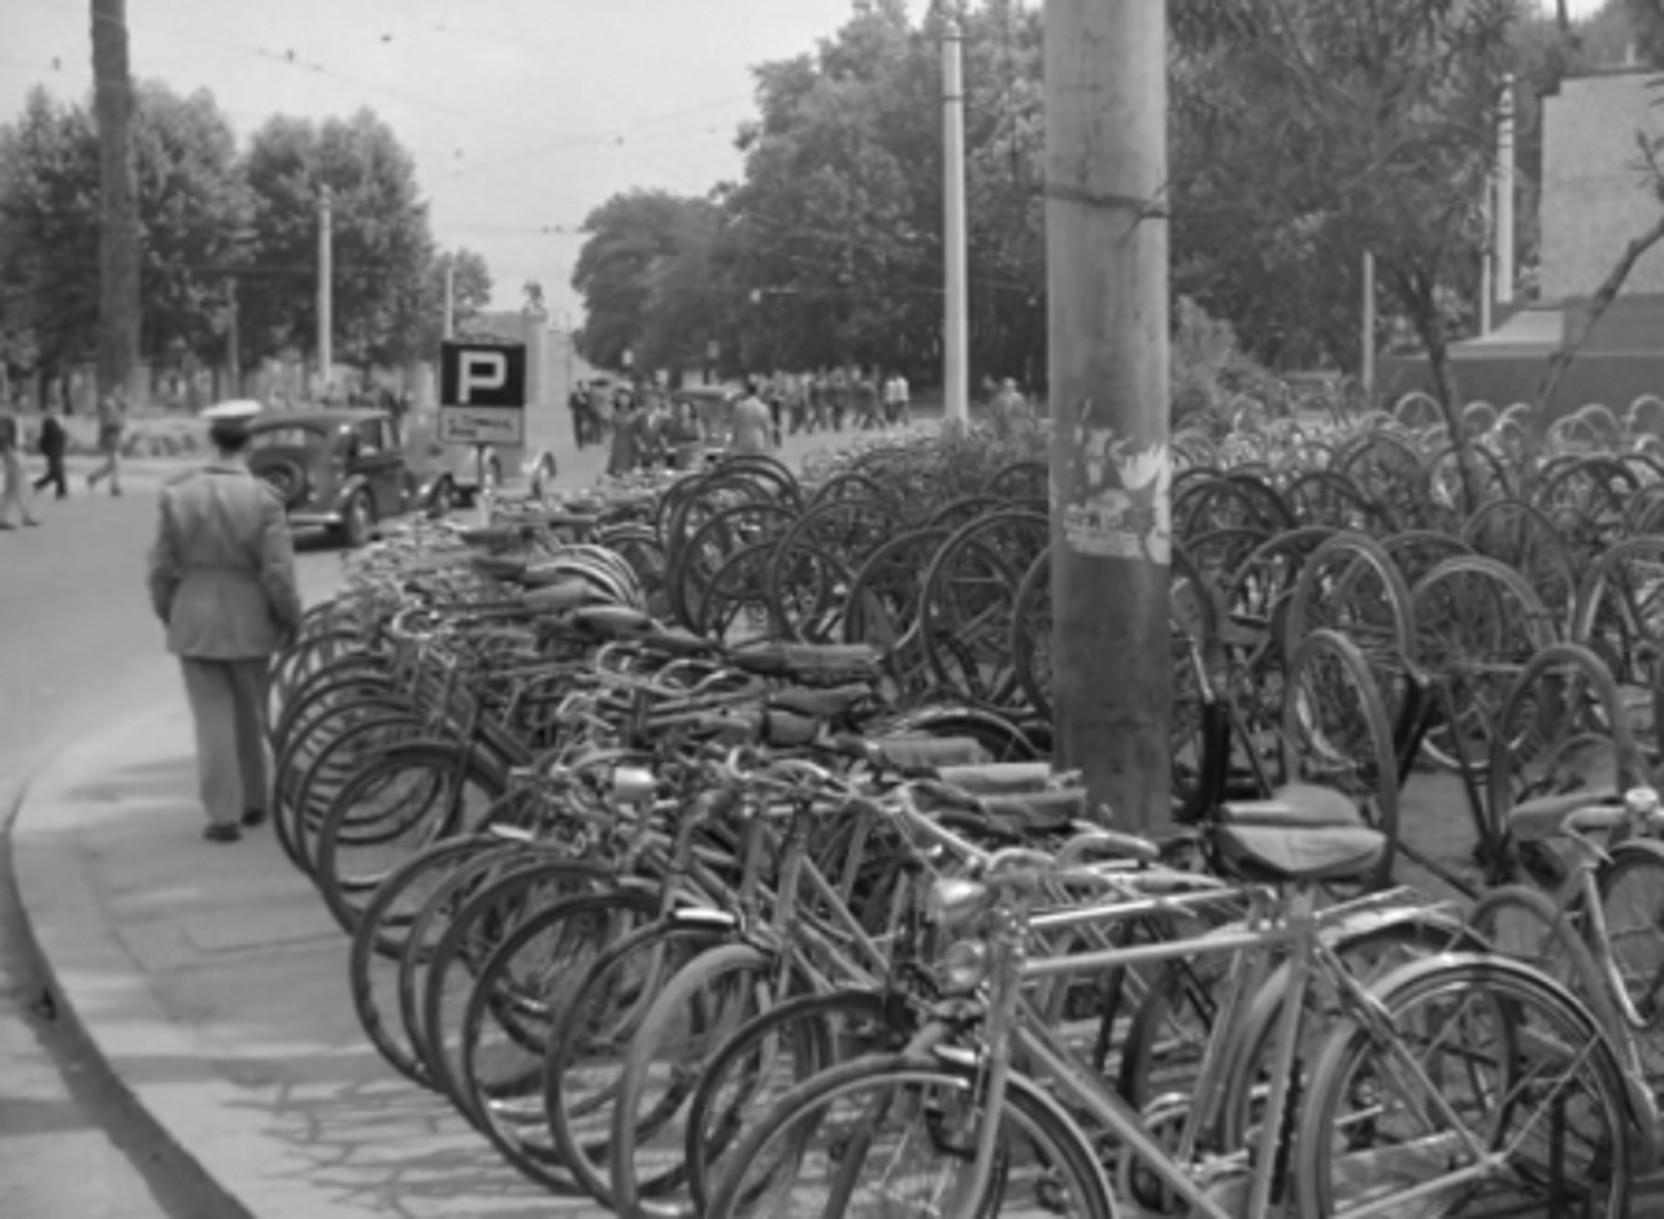 De Sica et le sens des bicyclettes